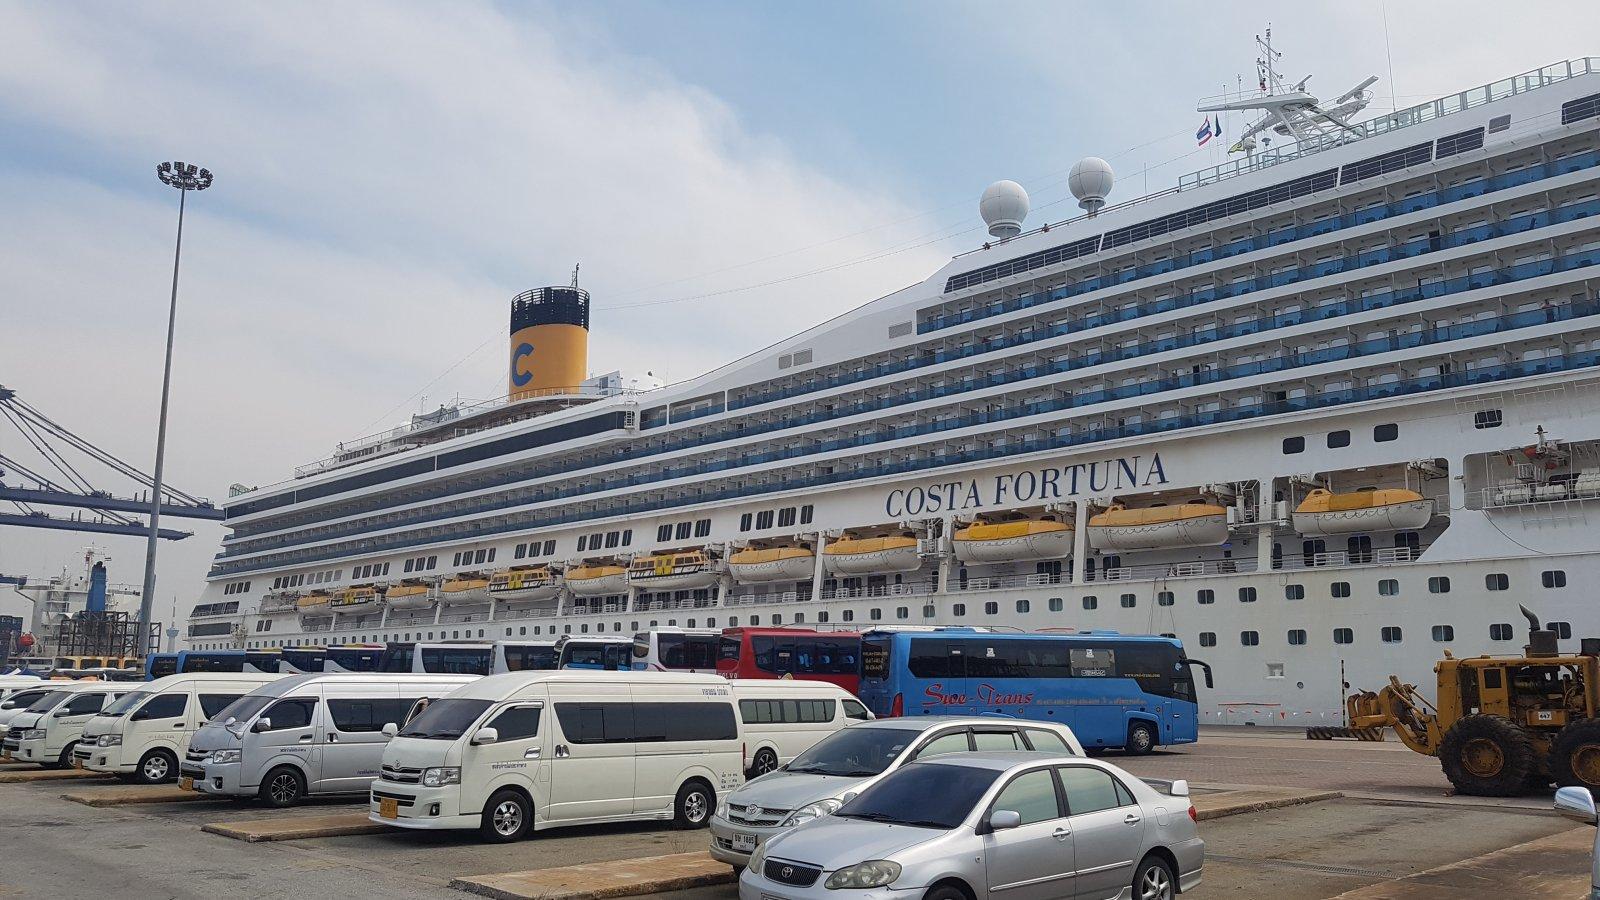 Экскурсии из порта Лаем-Чабанг/Laem Chabang